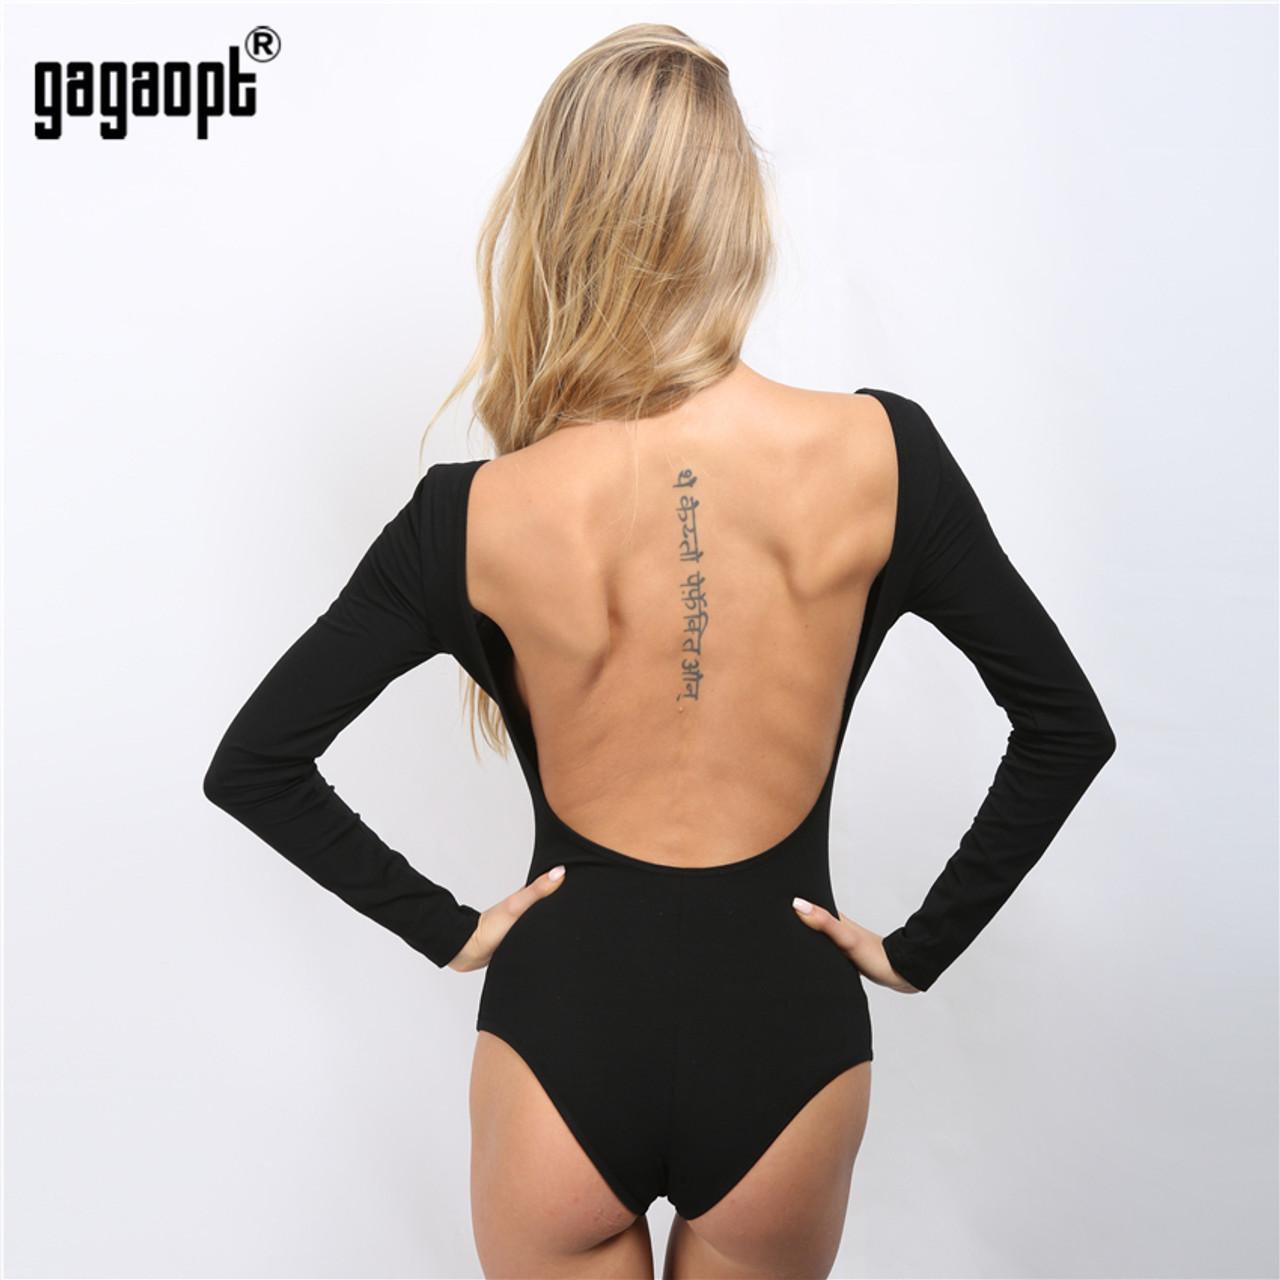 b258e3d7 ... Gagaopt Backless Bodysuit Long Sleeve Sexy Bodysuit Black Summer  Overalls Body for women Combinaison Femme Blusa ...